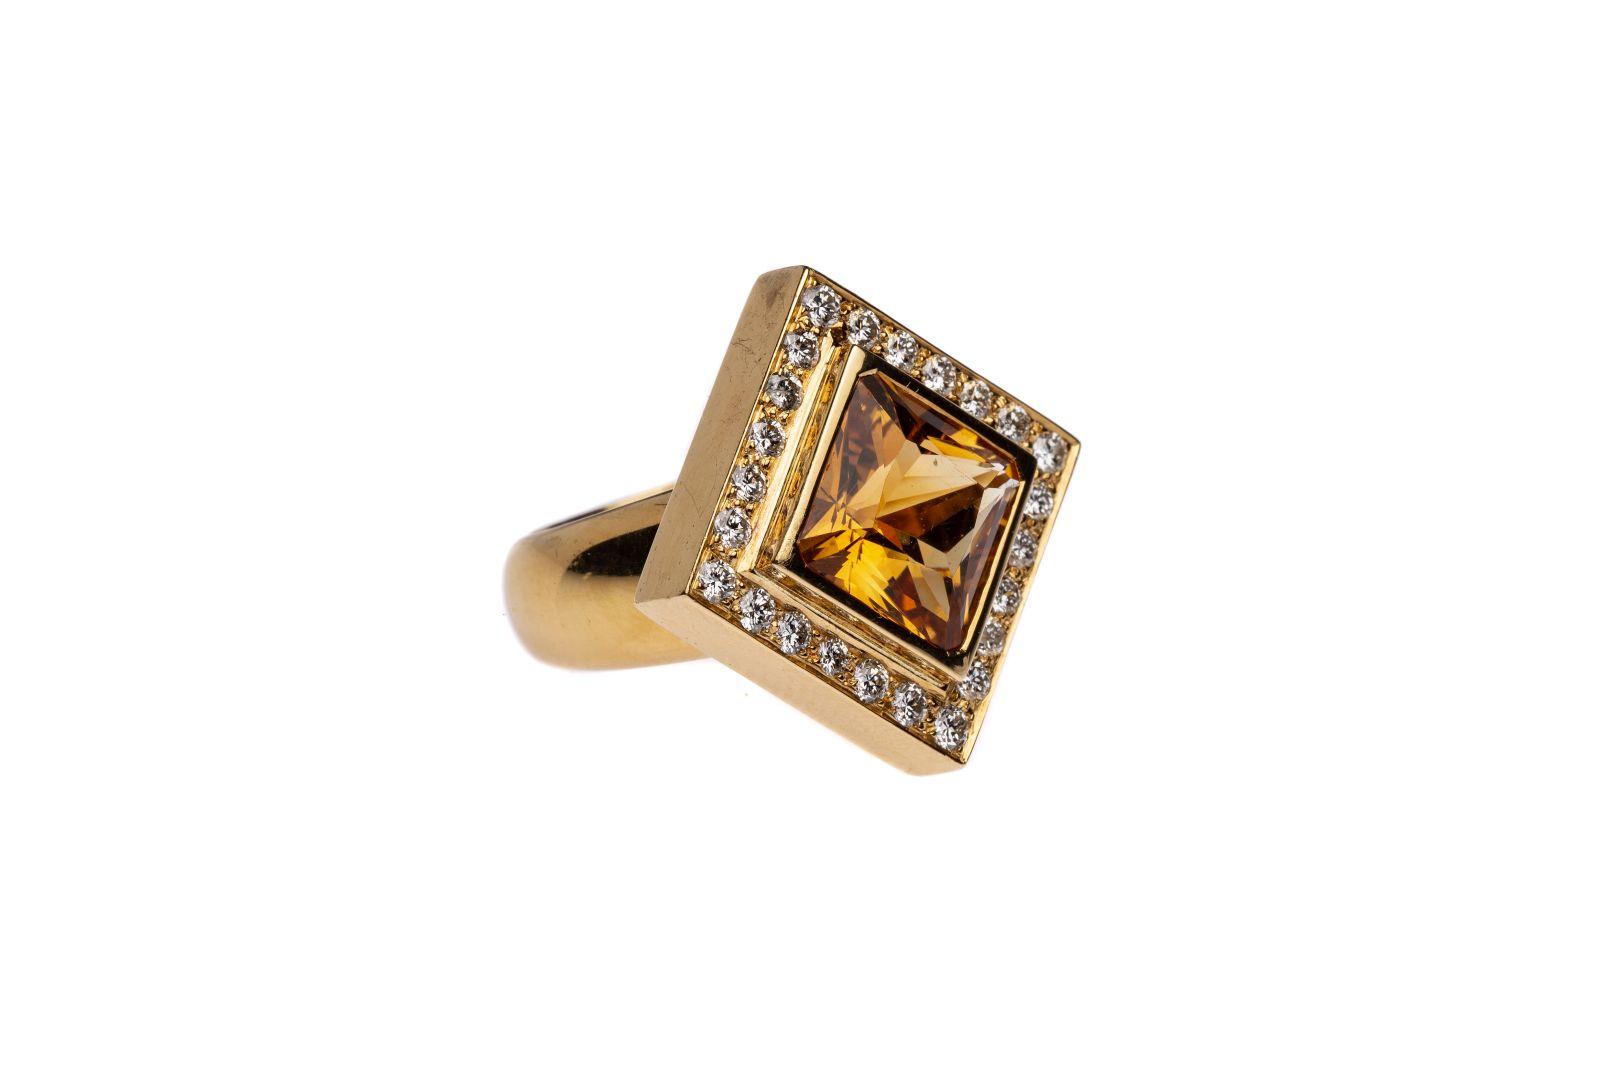 #193 Ladies ring | Damenring  Image